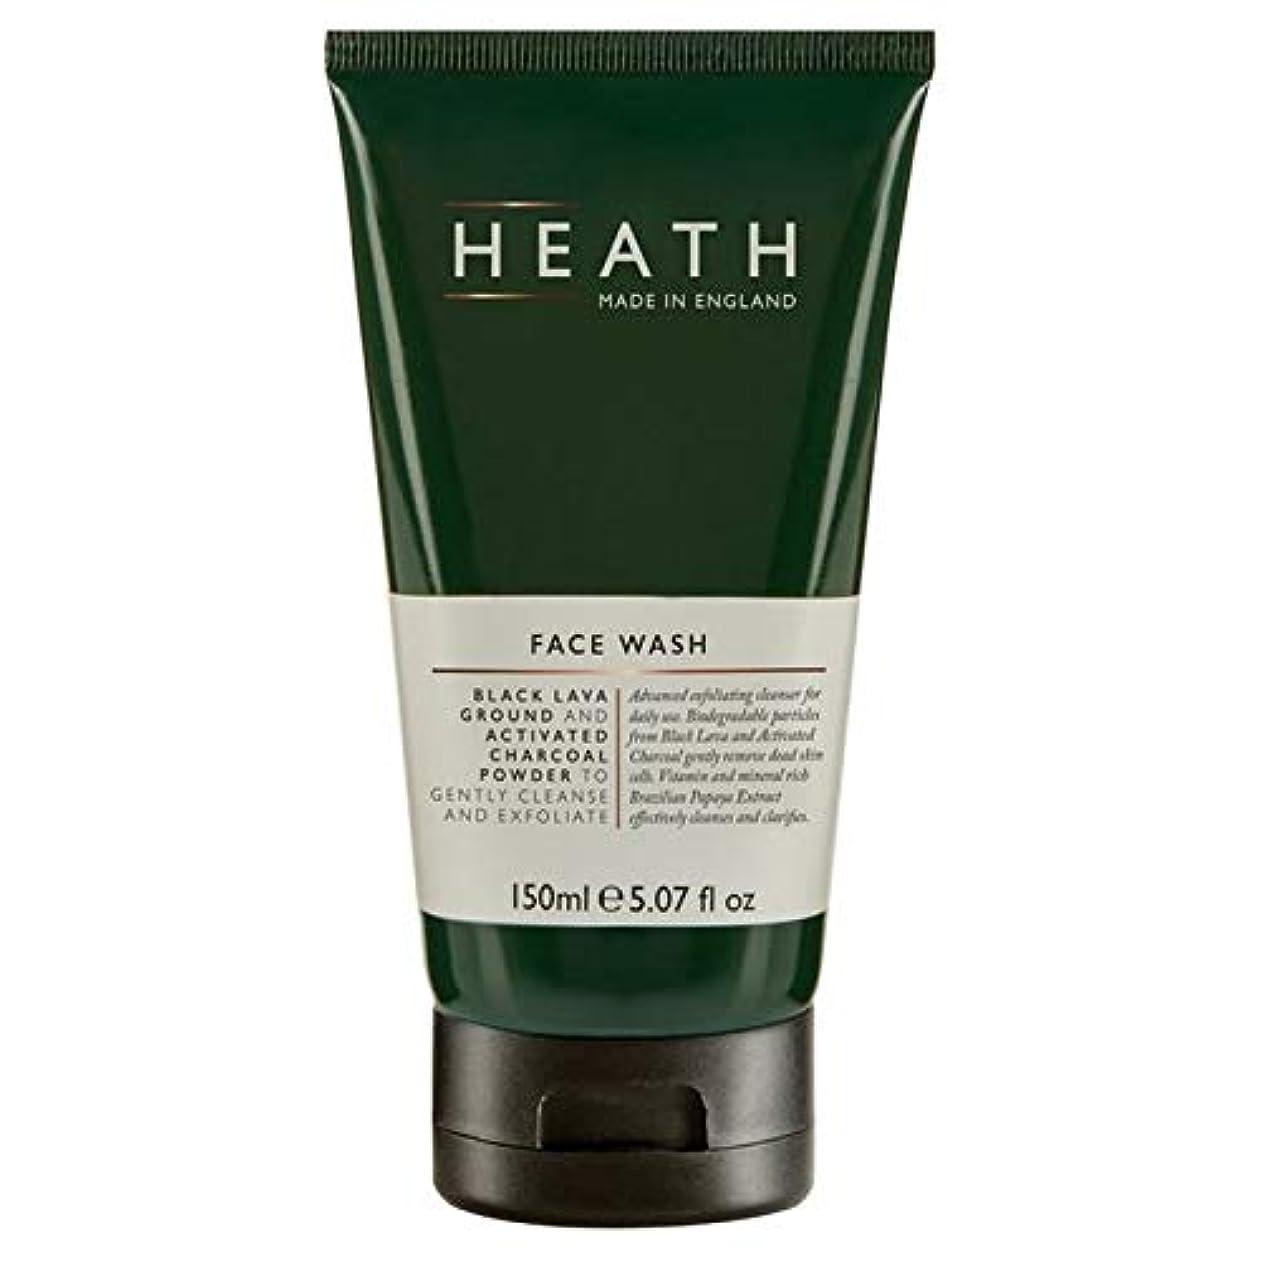 速度破壊的ゴム[Heath] ヒース洗顔の150ミリリットル - Heath Face Wash 150ml [並行輸入品]